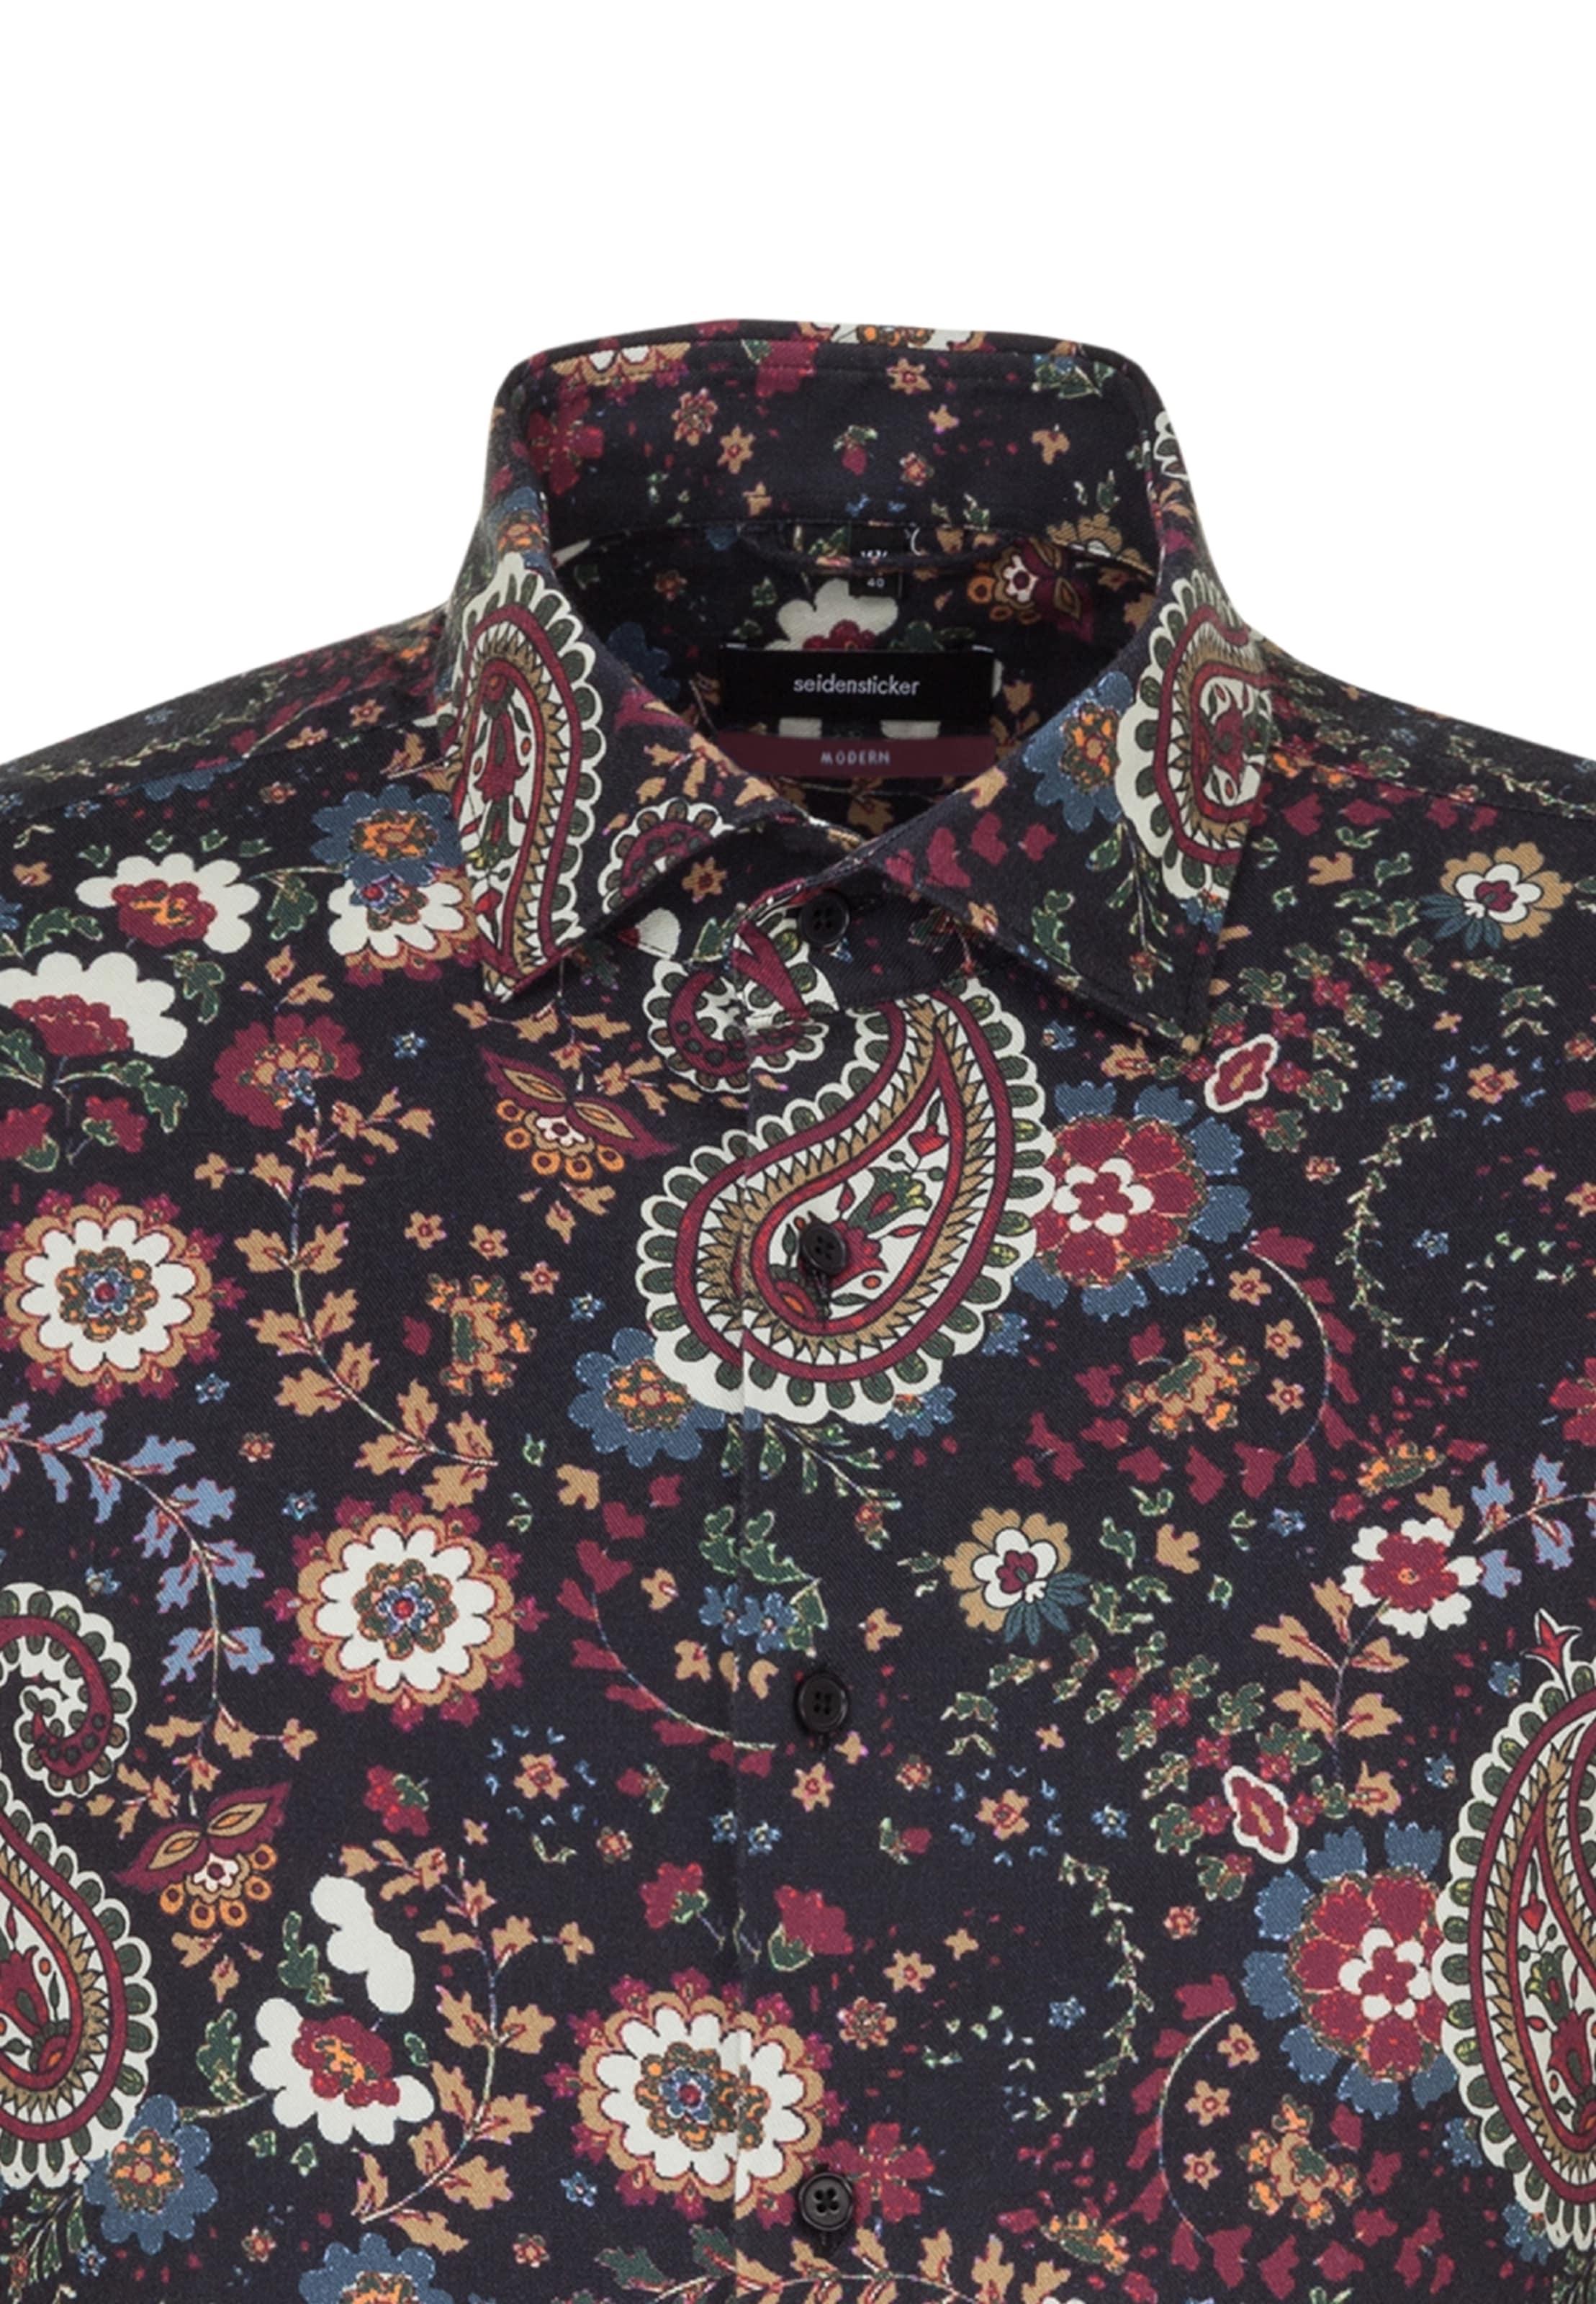 Seidensticker Mischfarben 'modern' Hemd Seidensticker 'modern' In Hemd In Mischfarben OPiuXTkZ